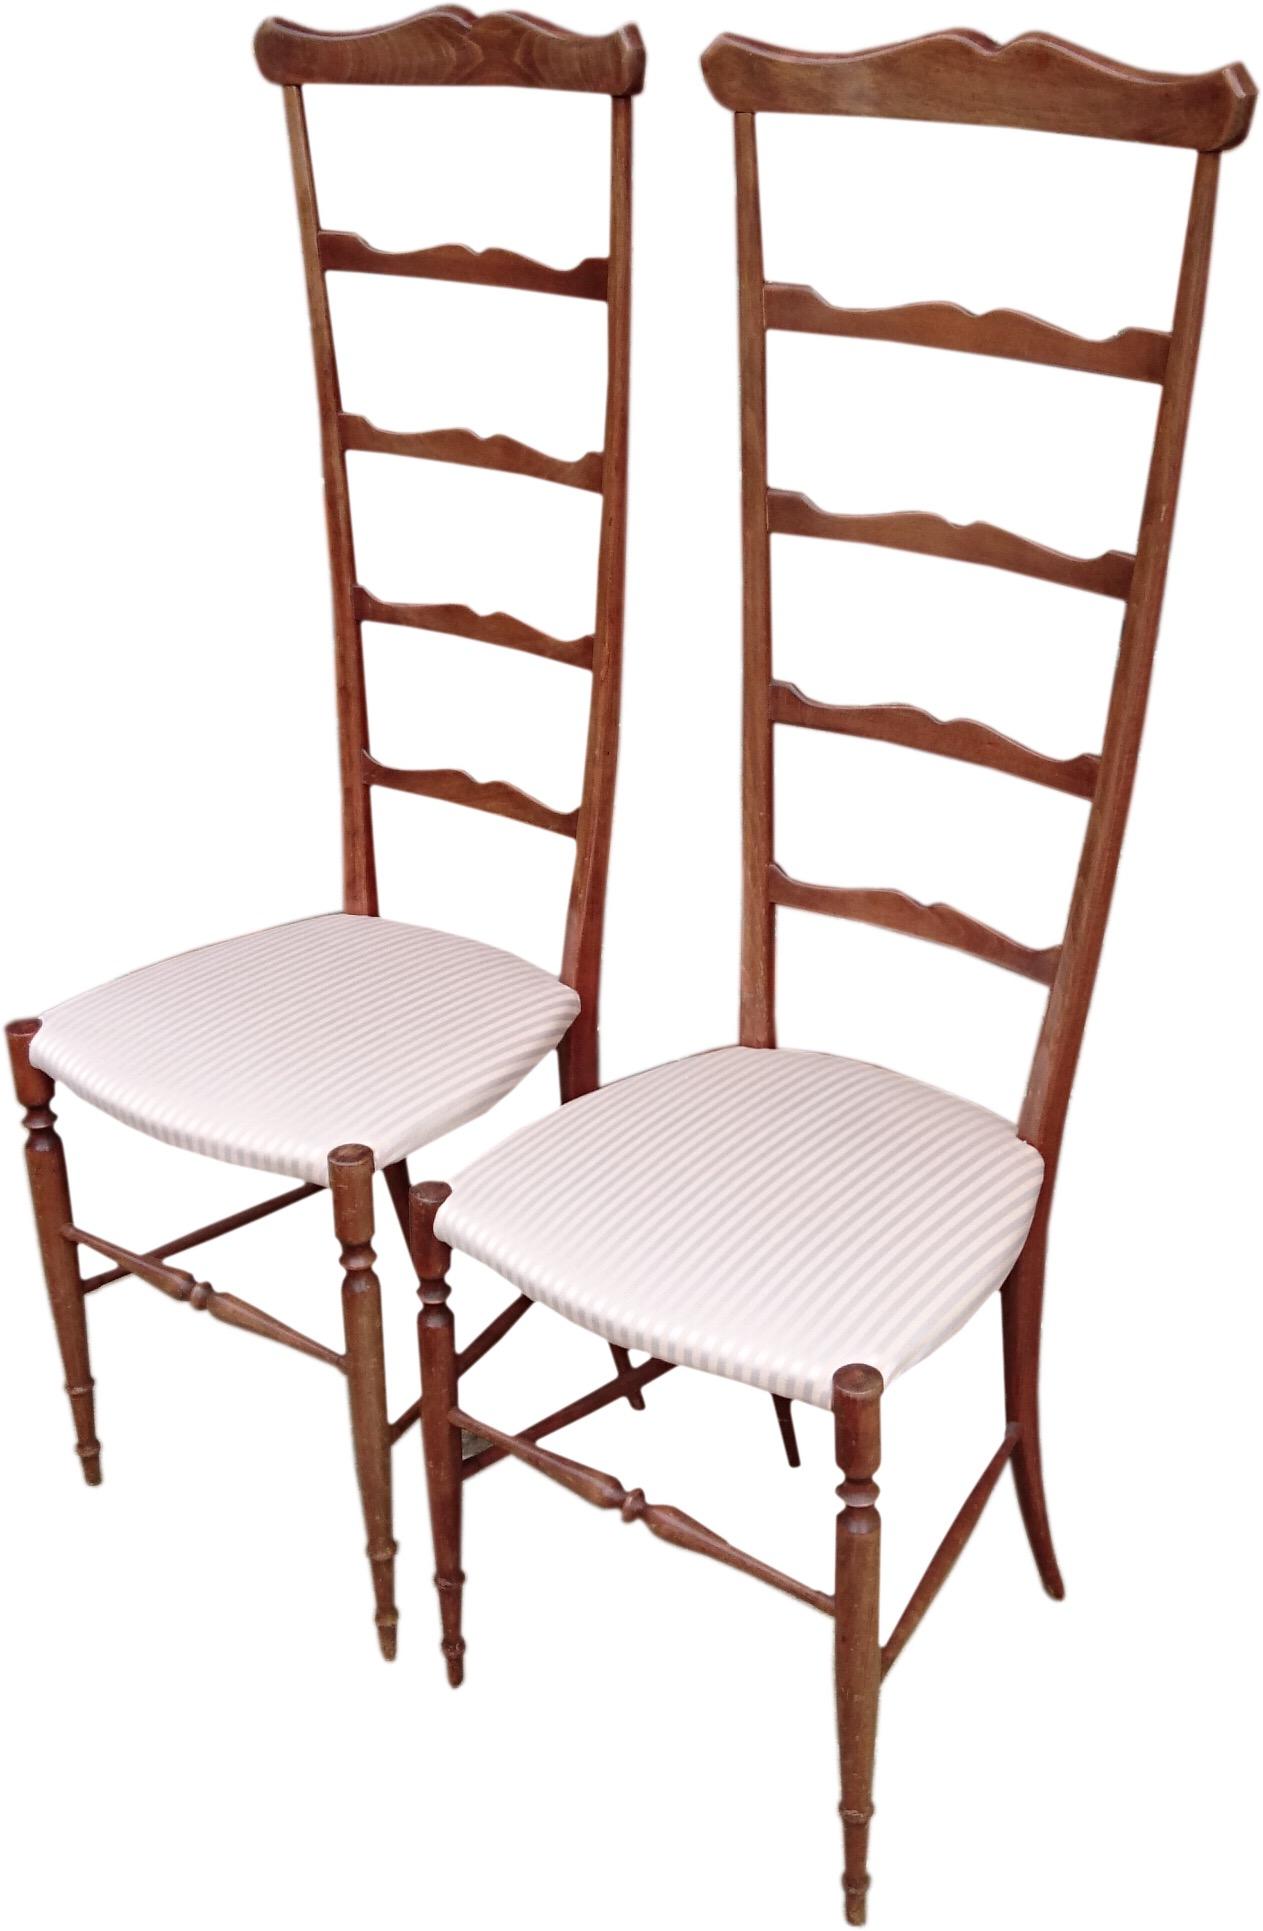 Chaivari chairs